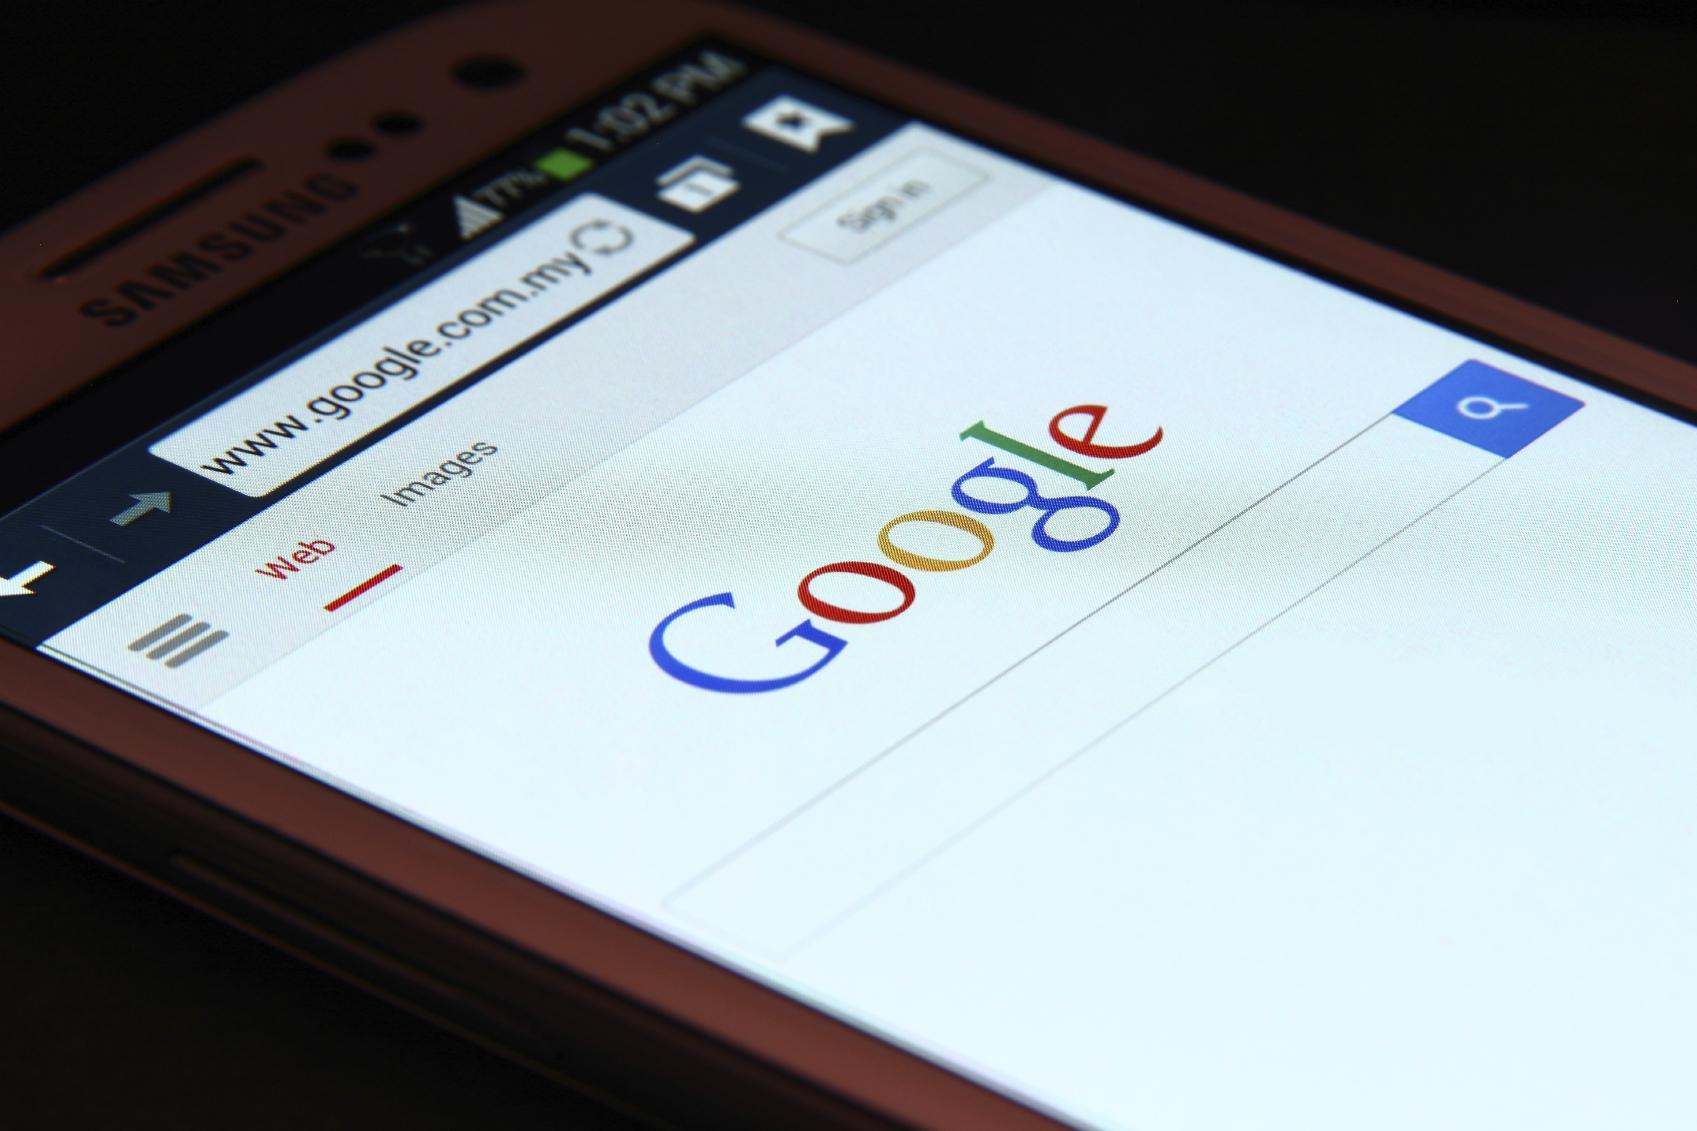 وعد جوجل بإنهاء تتبع الهواتف الذكية في نهاية الشهر